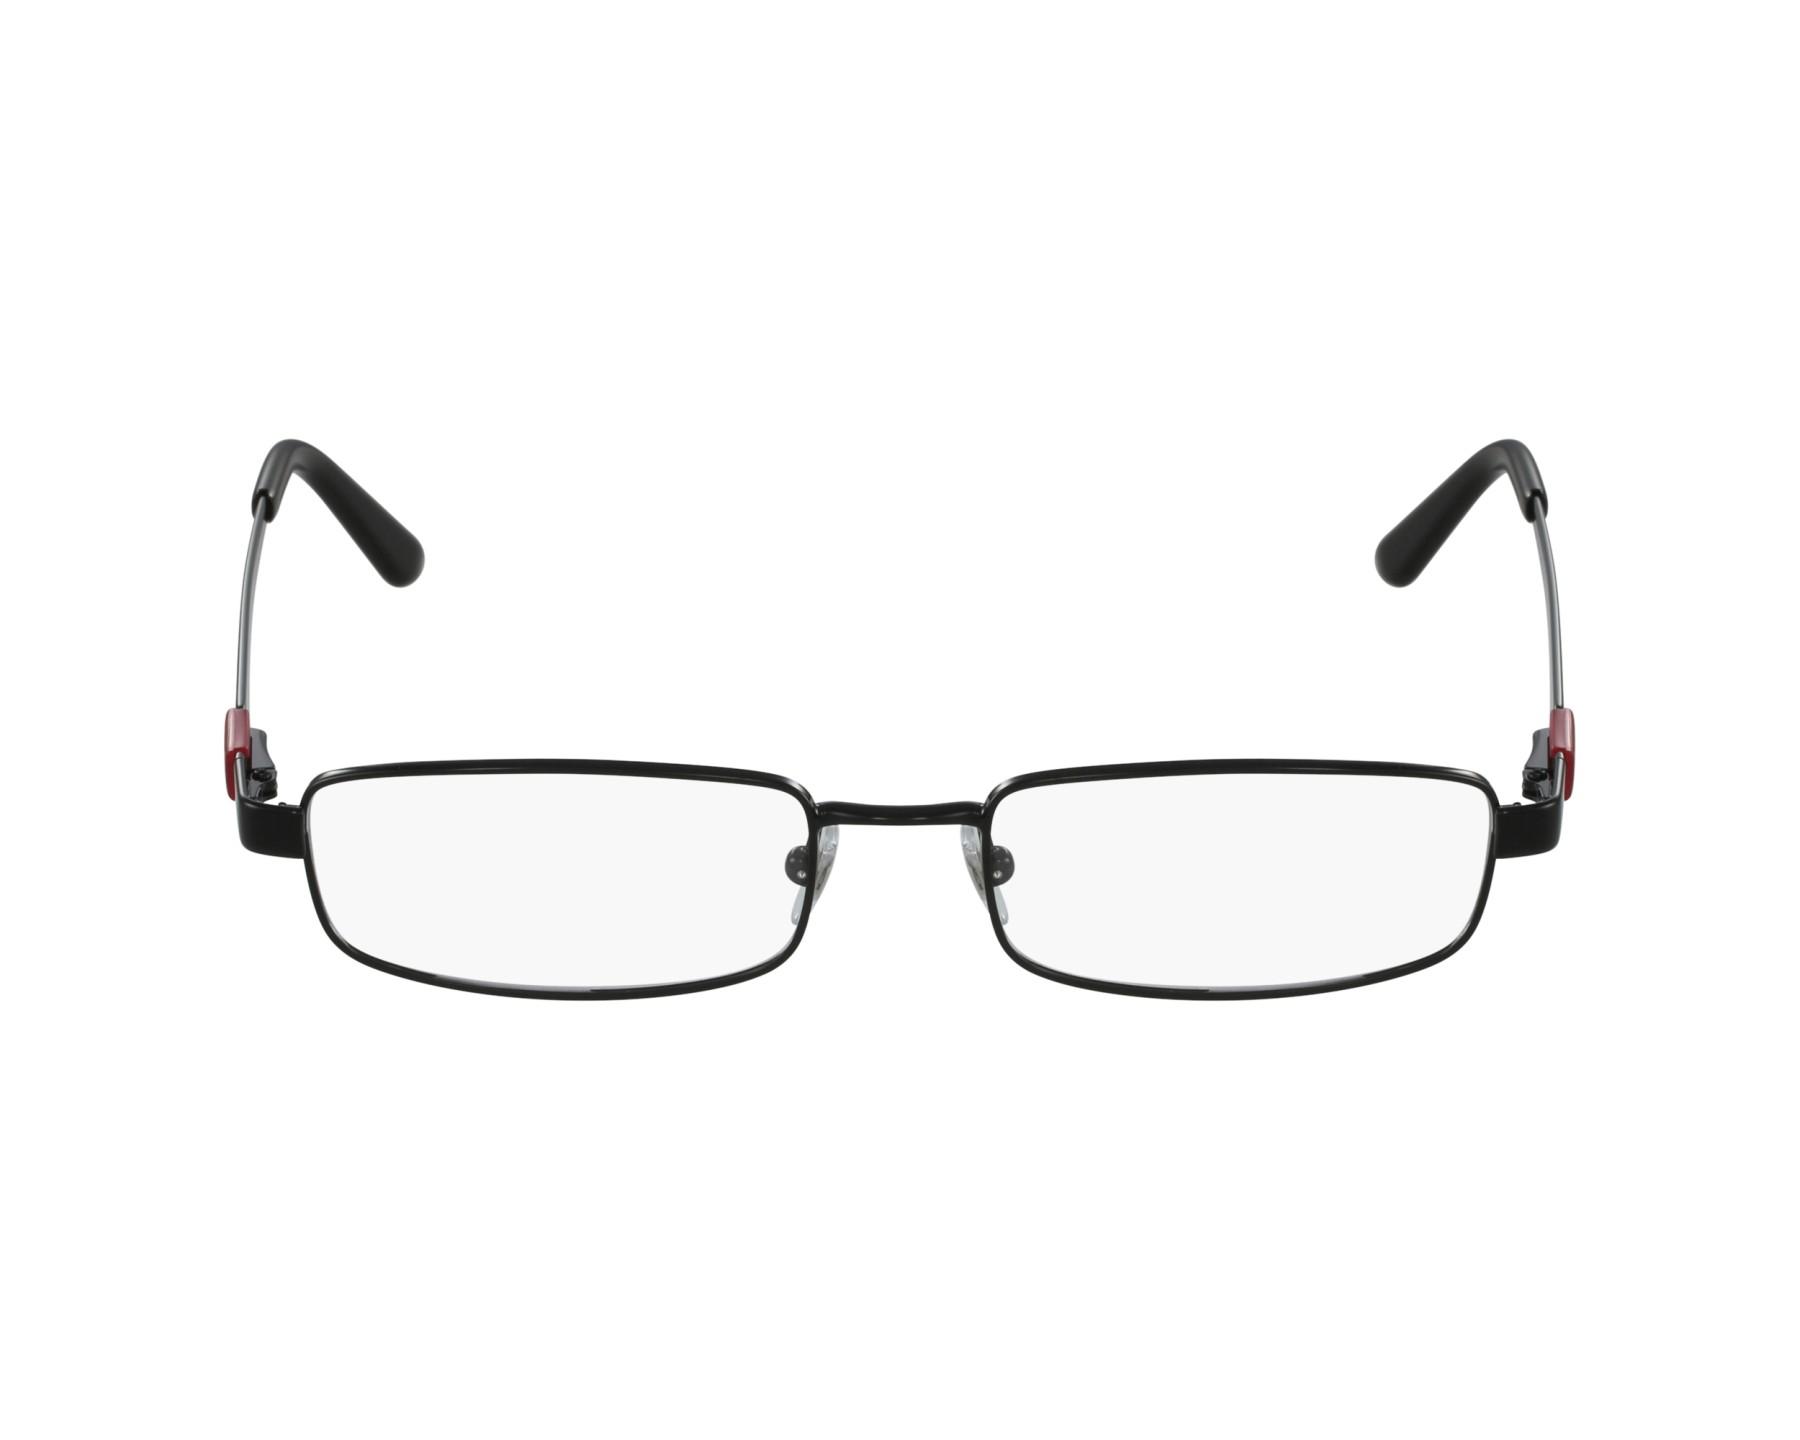 2cf6cc4d807 uk eyeglasses ray ban rx 6076 2509 51 19 black profile view 7edcb a2a5f